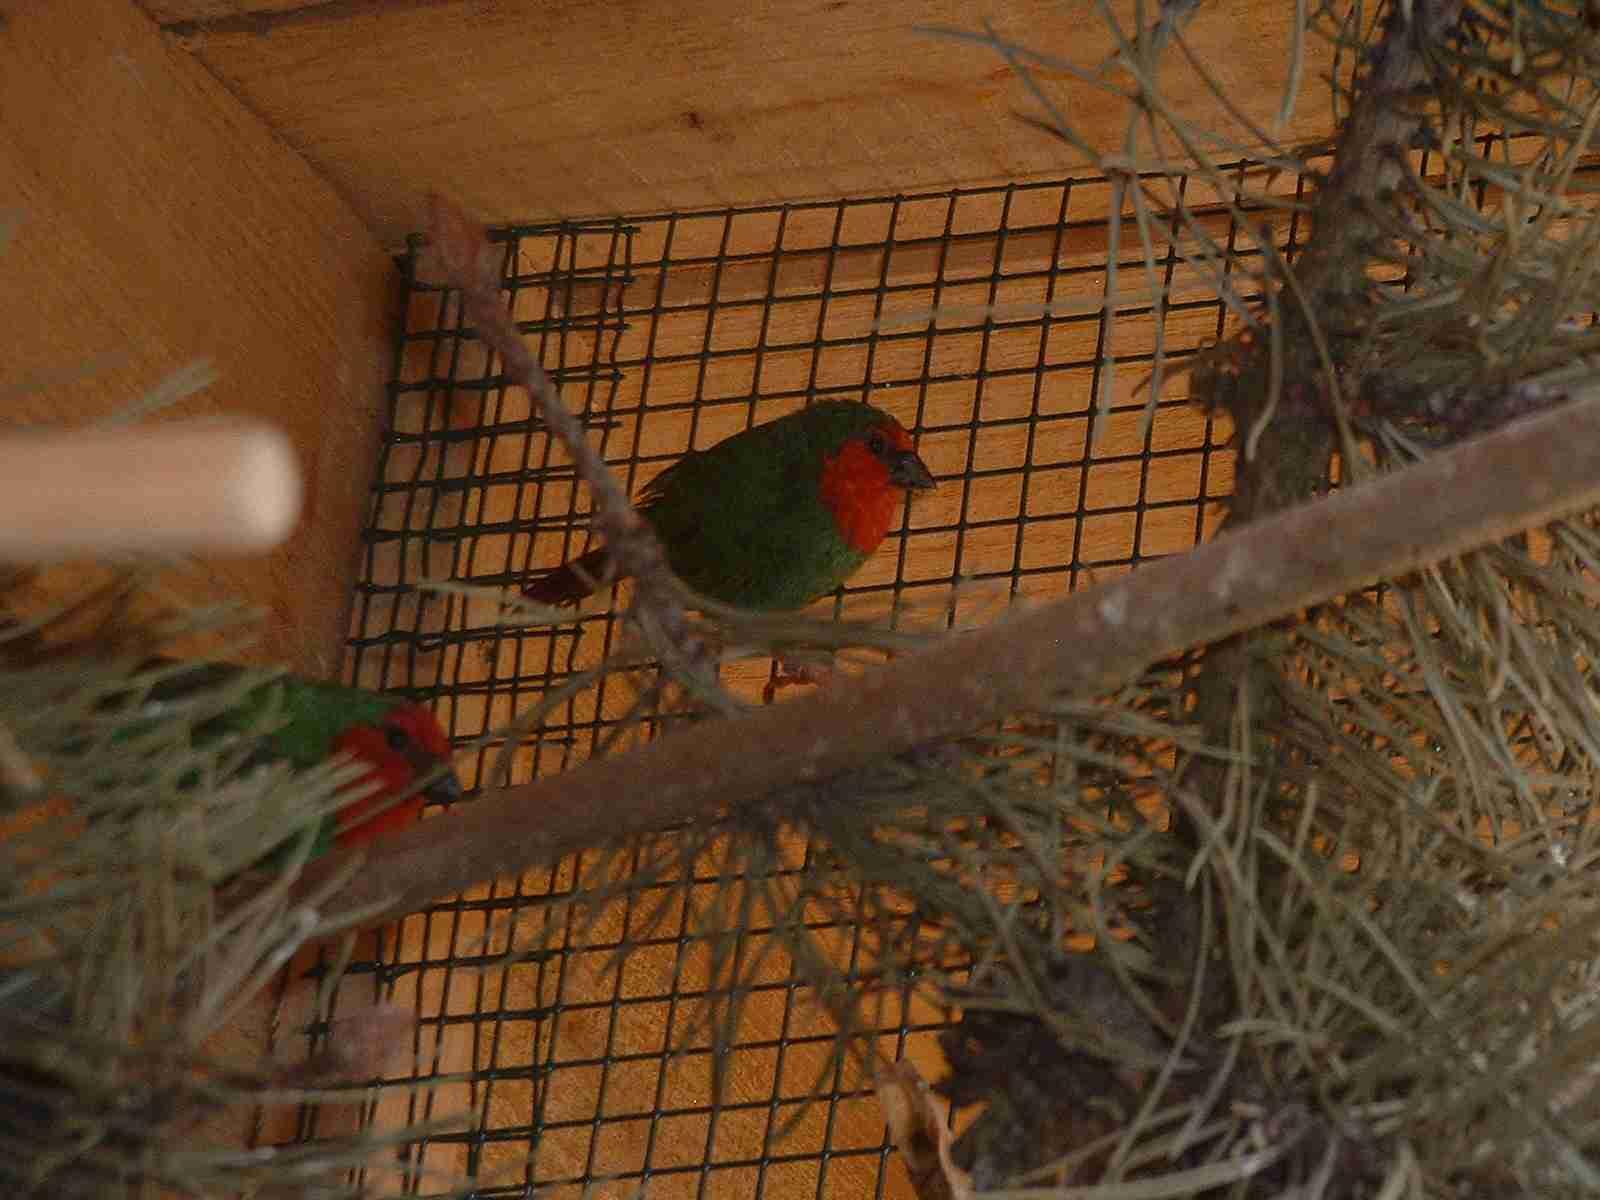 http://andysvogelzucht.klack.org/bilder/papageiamdine1.jpg